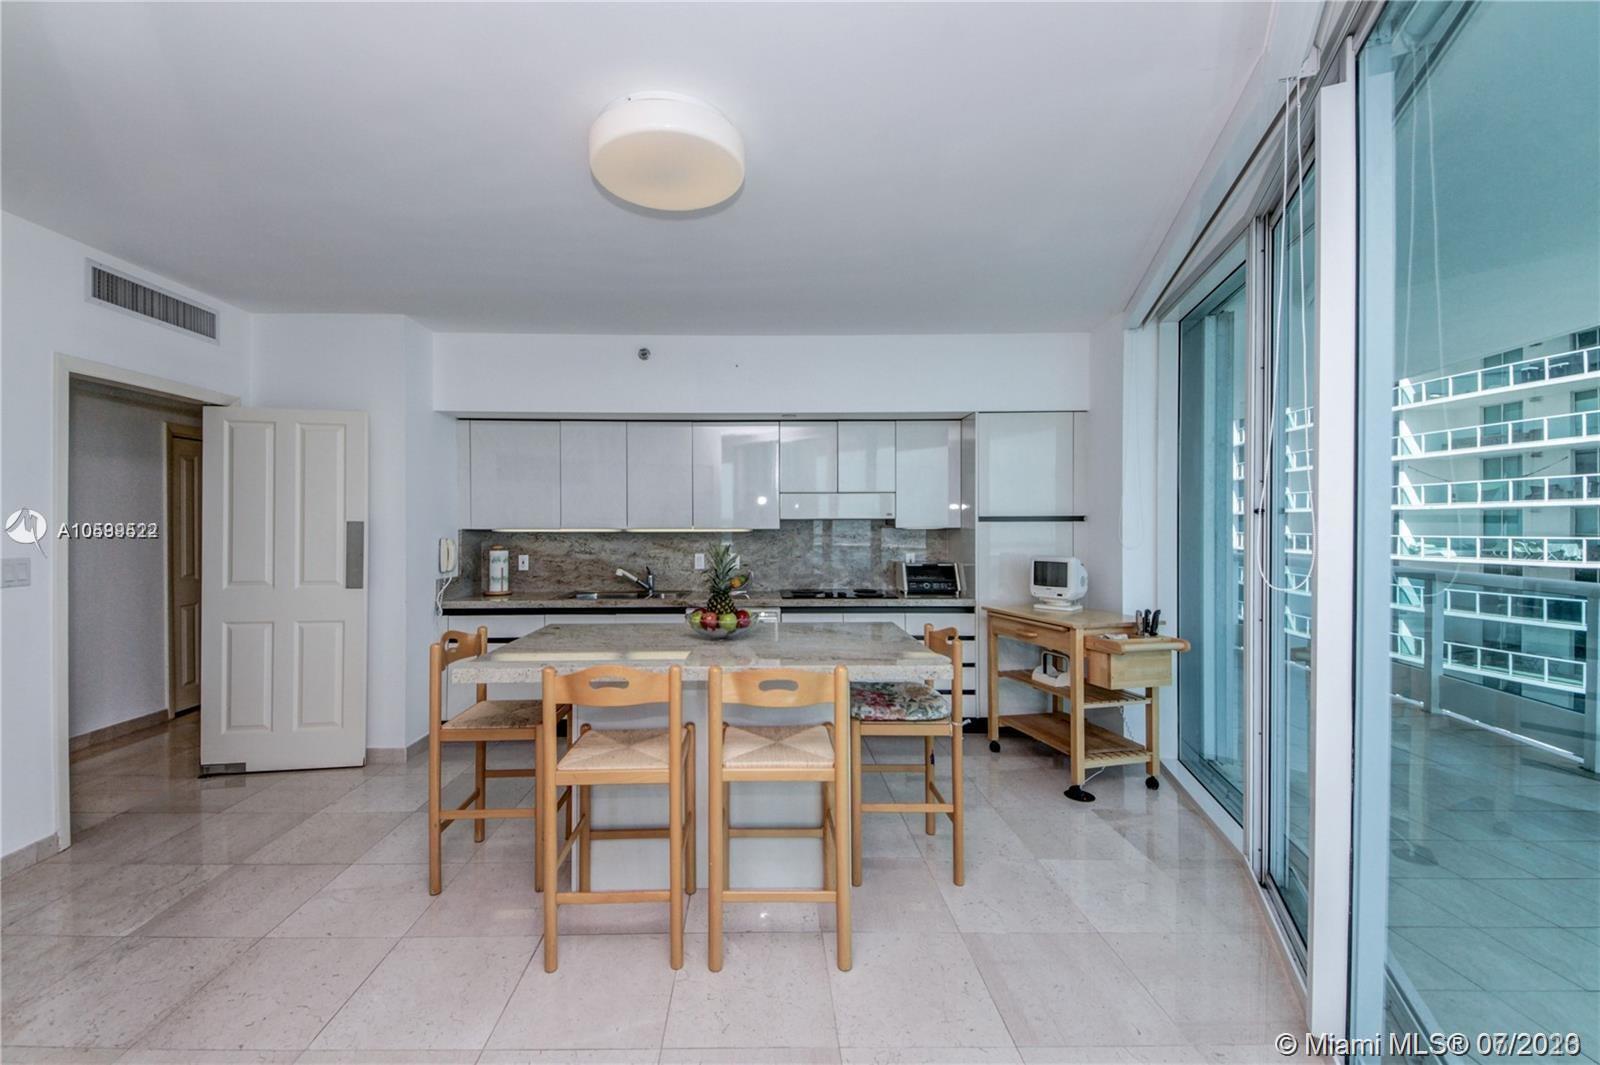 2127 Brickell Avenue, Miami, FL 33129, Bristol Tower Condominium #2601, Brickell, Miami A10599522 image #7